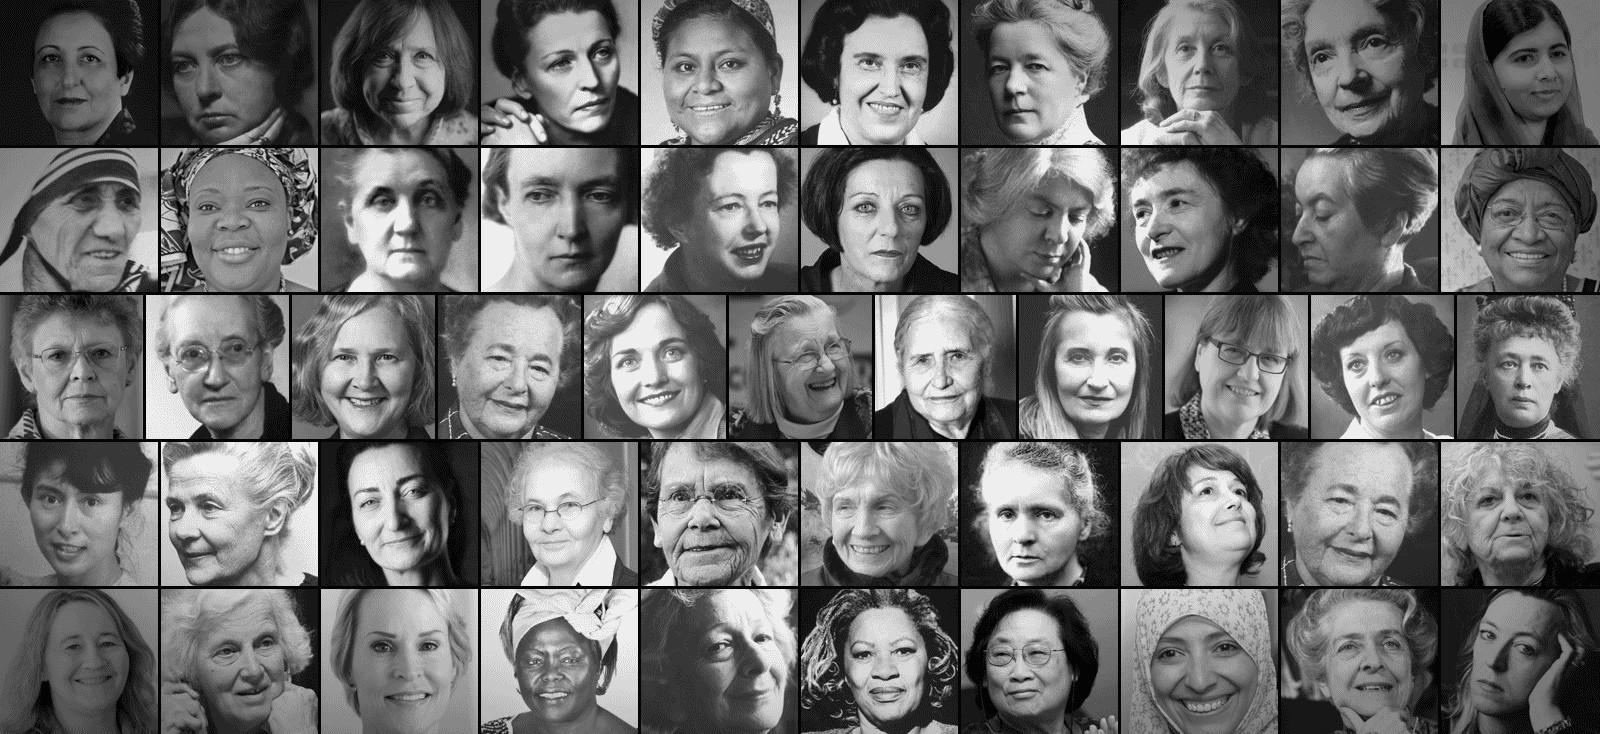 Nobel premia três mulheres em 2018, mas elas somam apenas 5% dos vencedores desde 1901 - Radio Evangelho Gospel